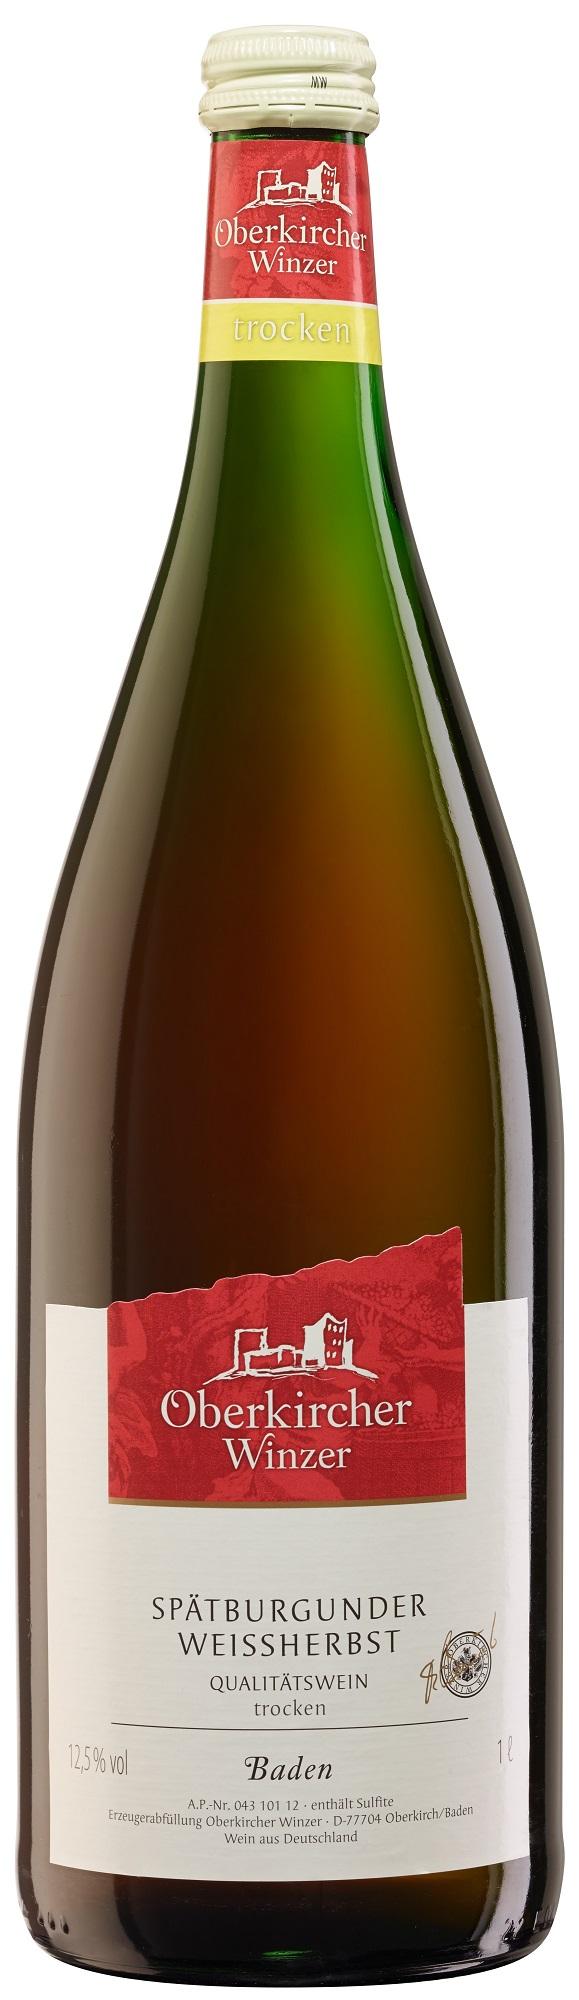 Collection Oberkirch , Spätburgunder Weißherbst Qualitätswein trocken